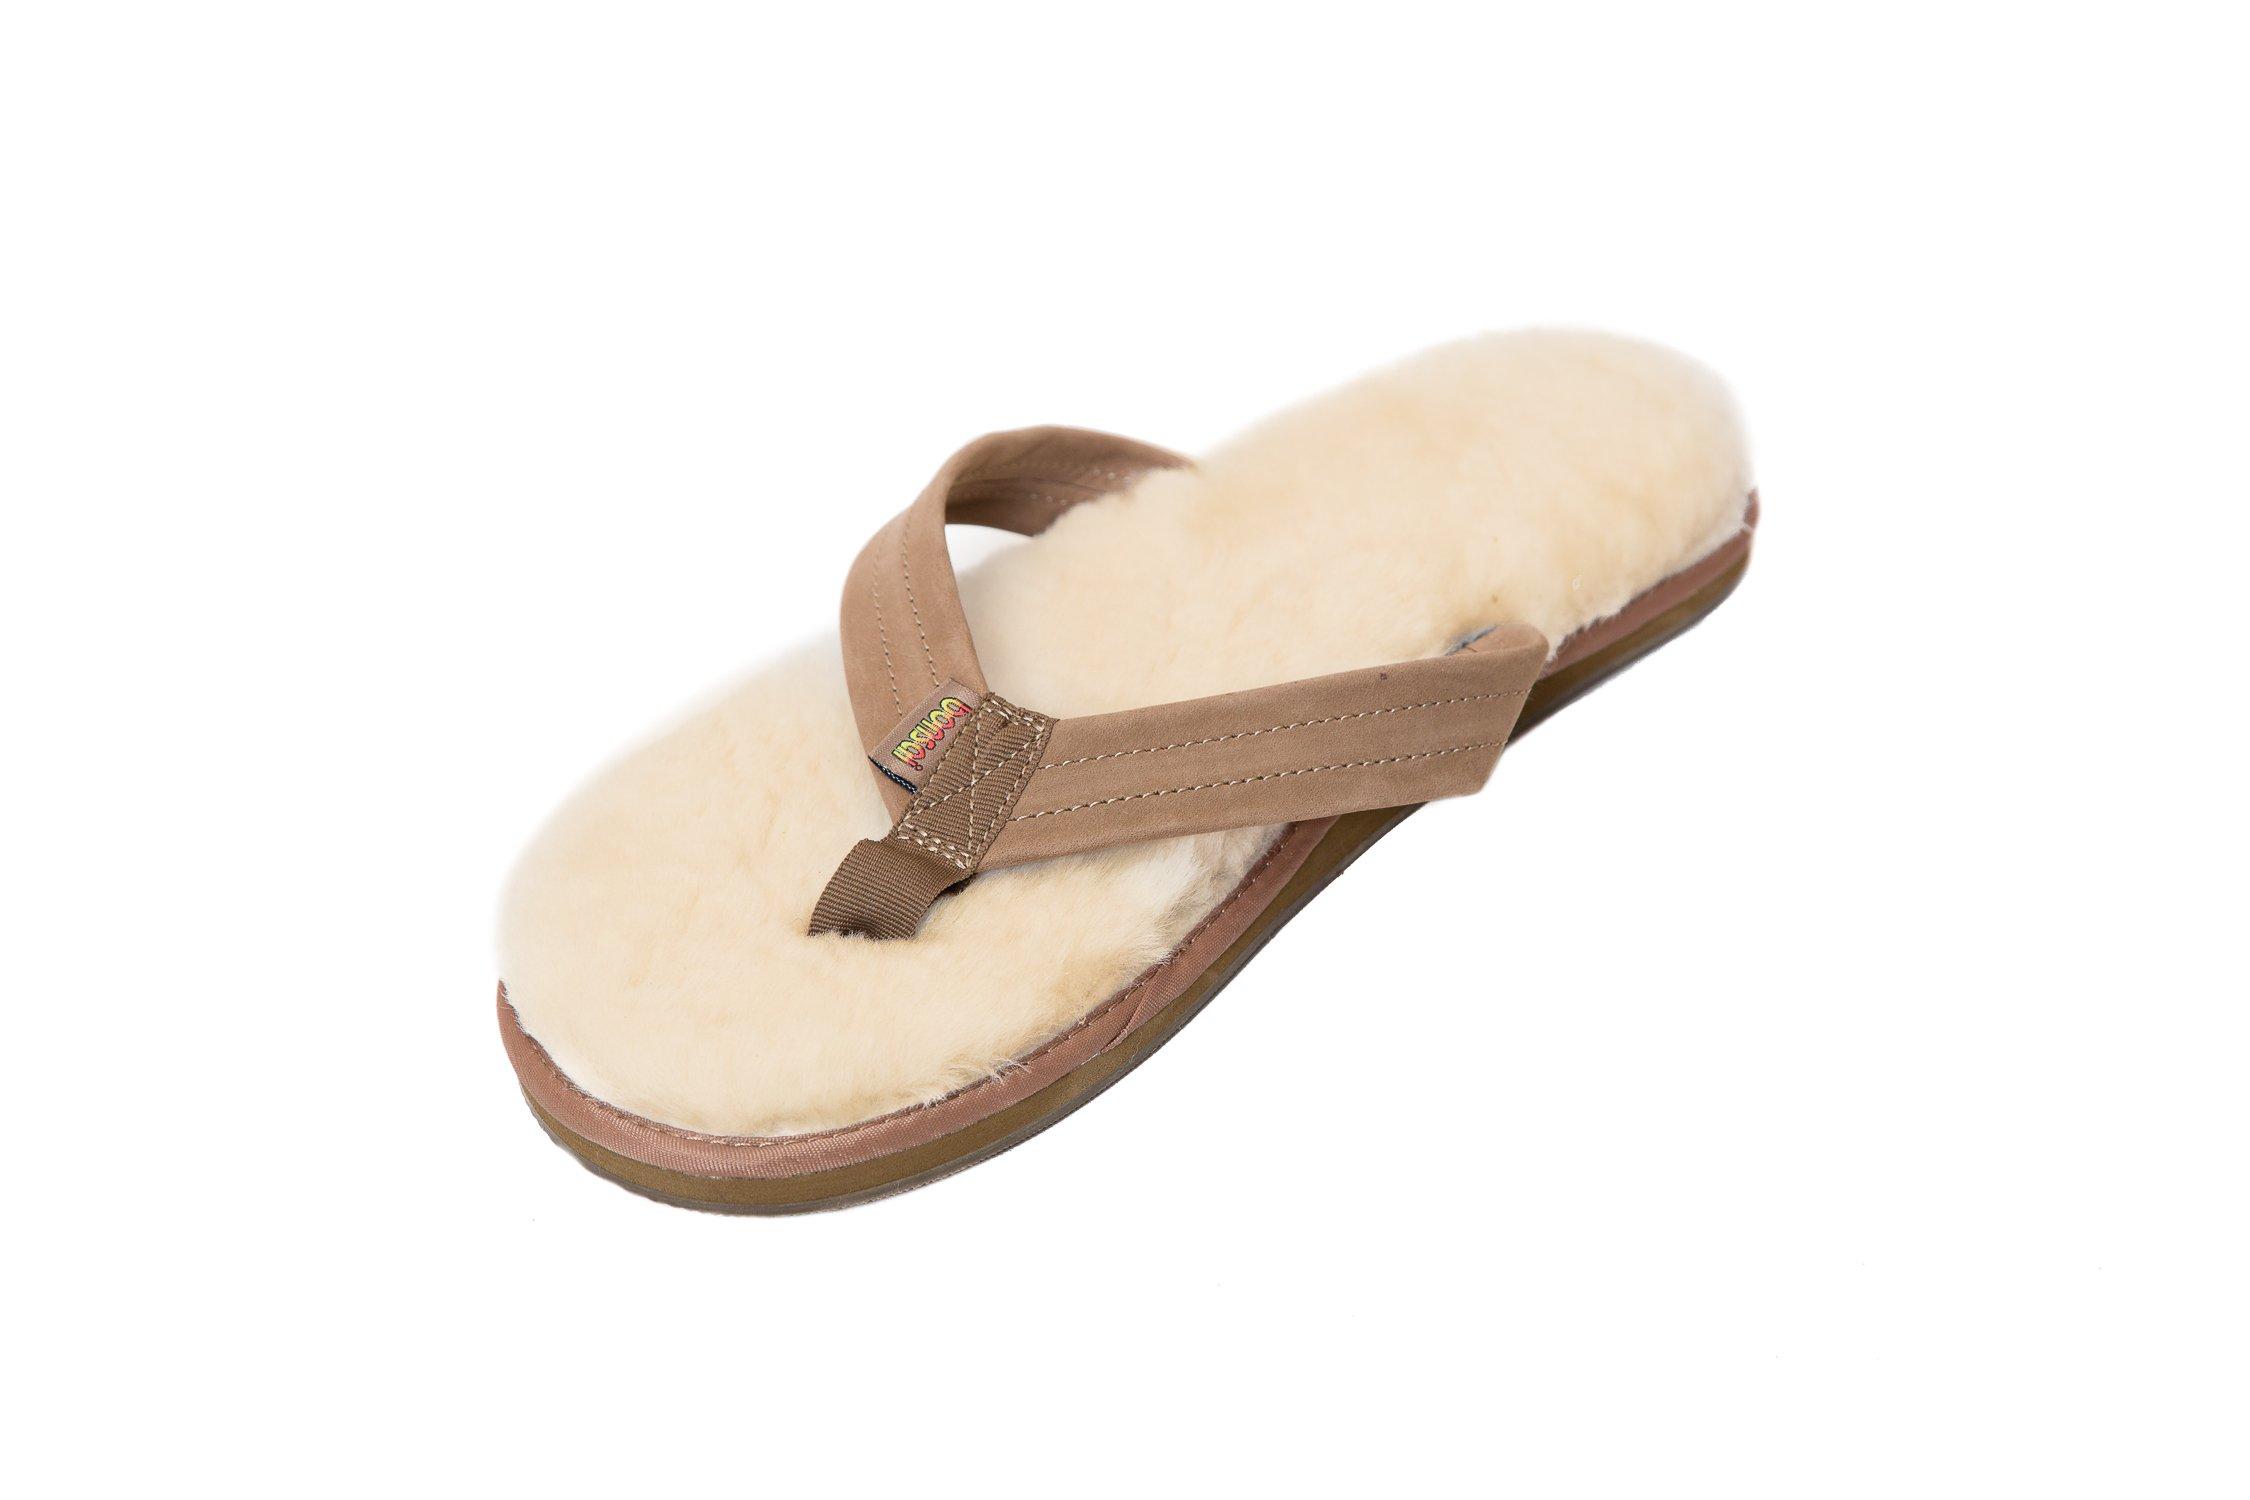 Bonsai Men's Sheepskin Sandal Flip Flops, Brown, 12 US by Bonsai Sandals (Image #1)